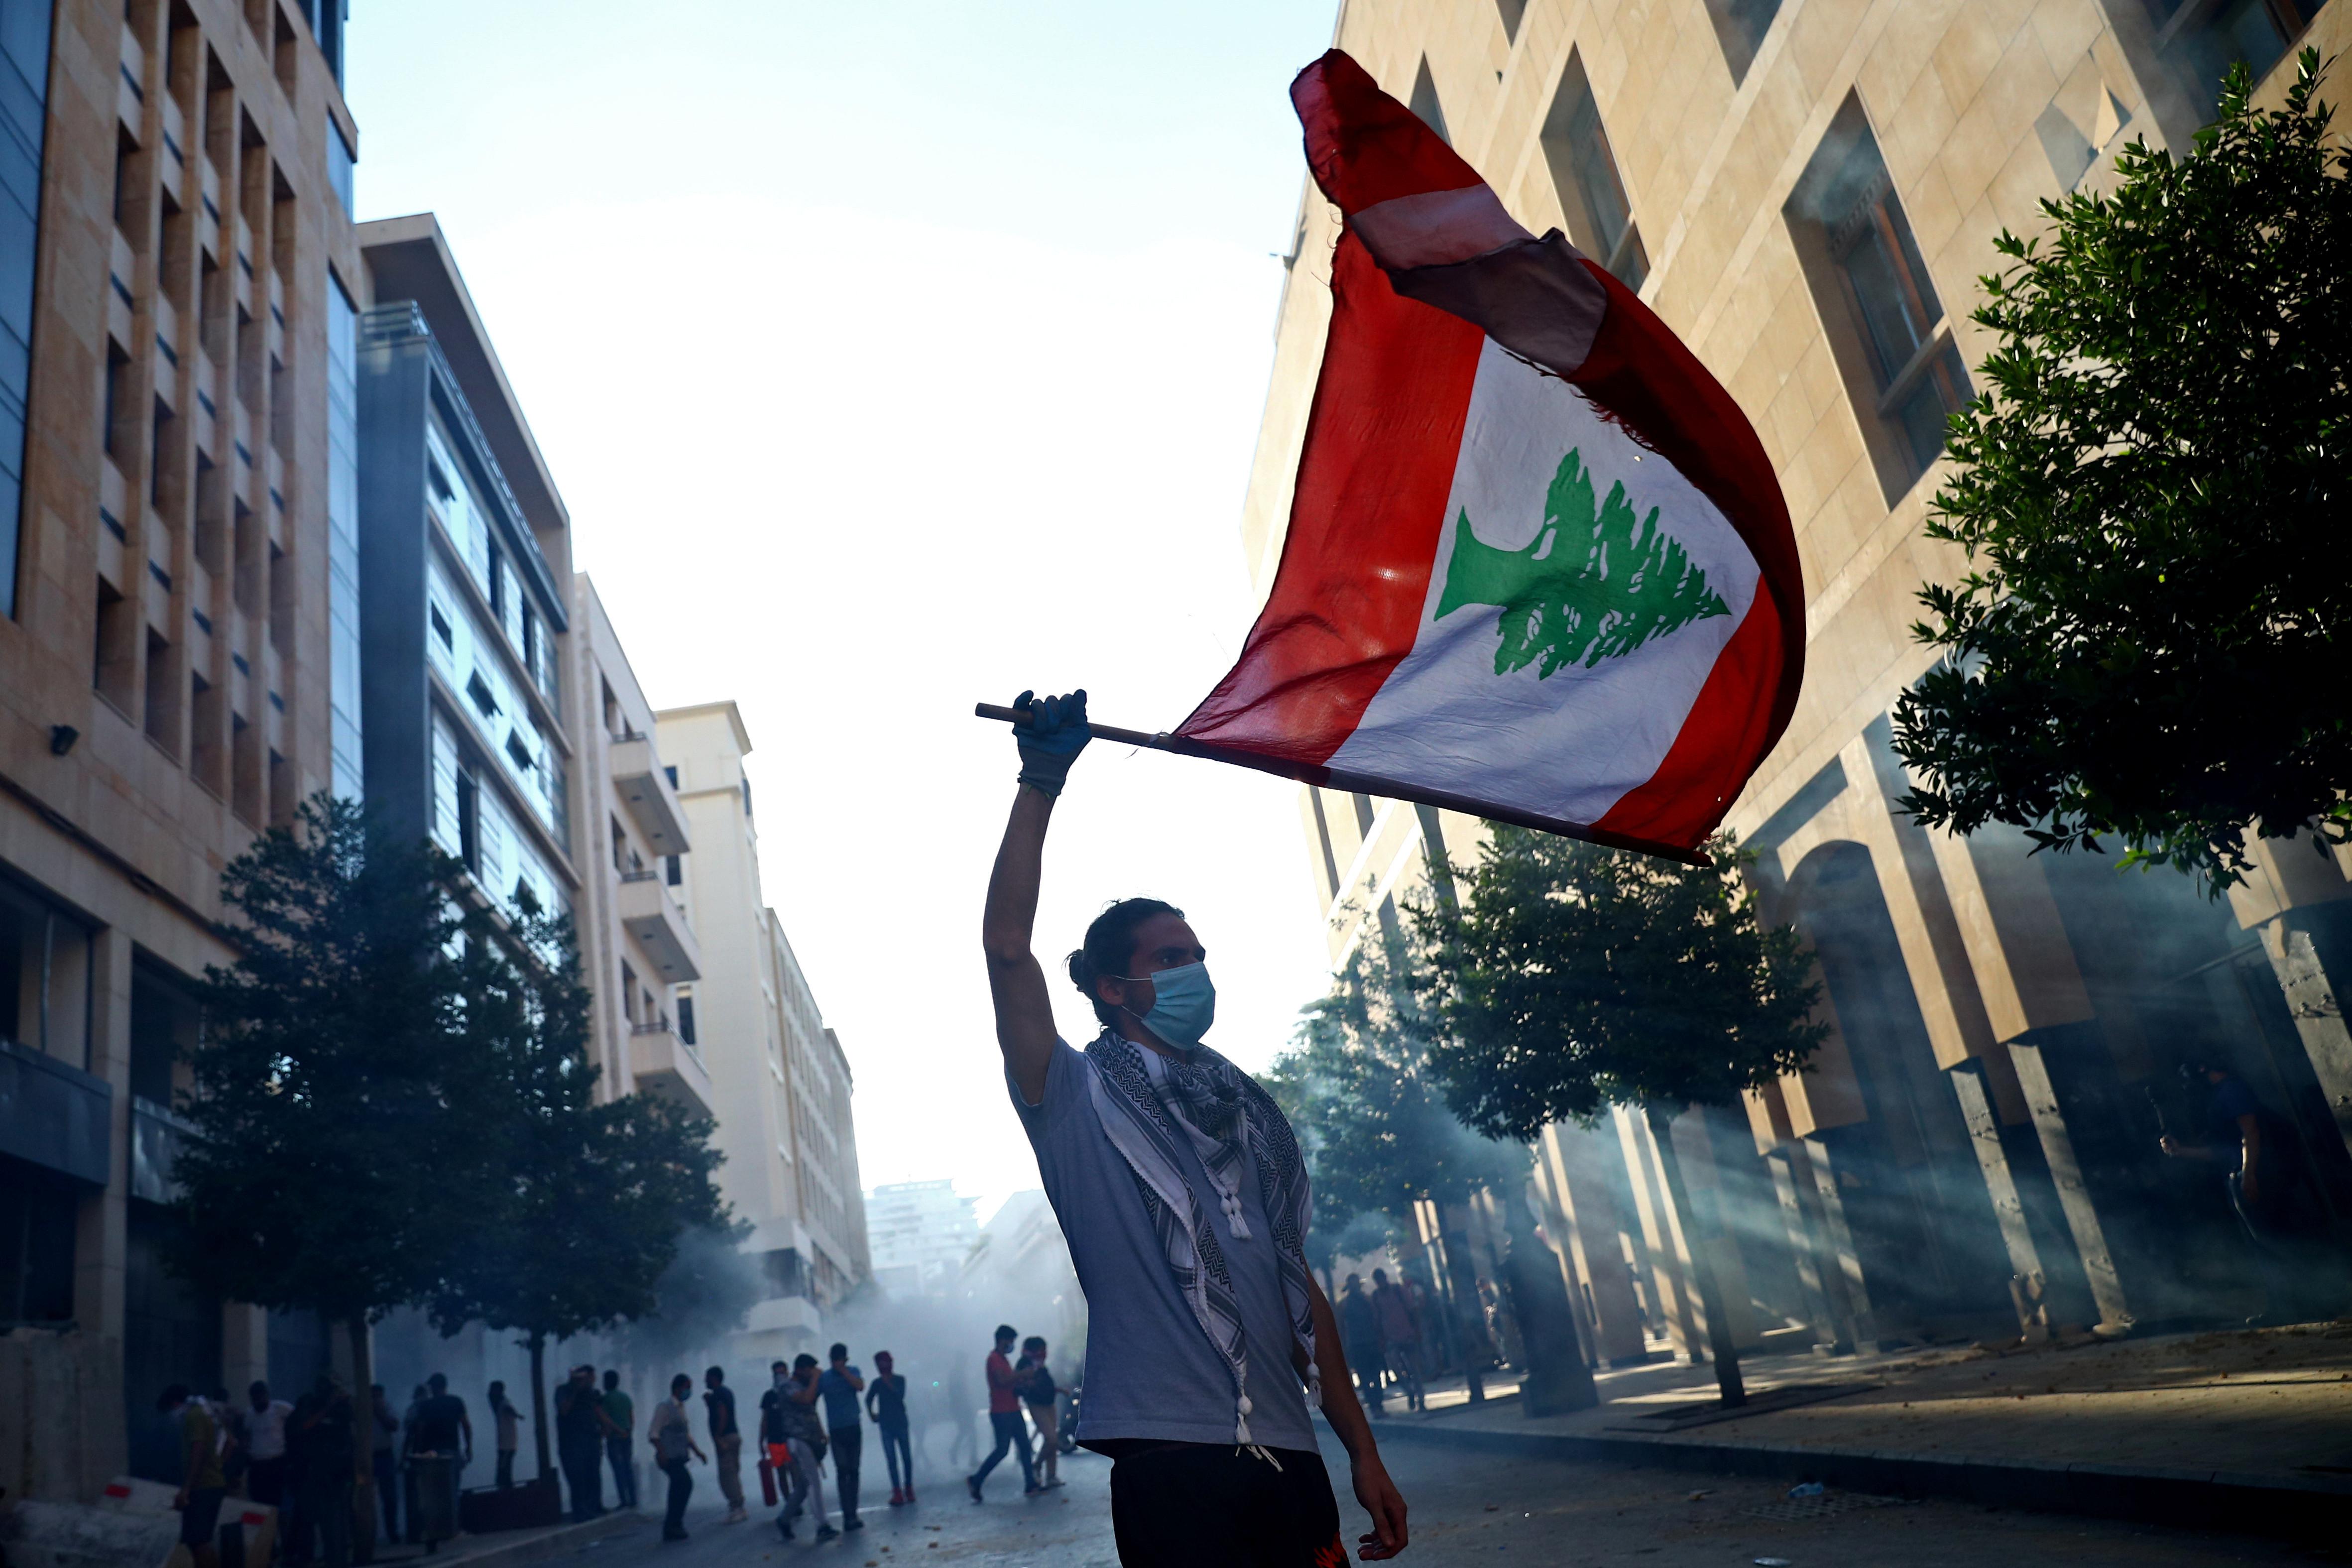 中東,黎巴嫩,真主黨,內戰,宗派,遜尼派,基督教,以色列,伊朗,貝魯特,法國,塔伊夫協定